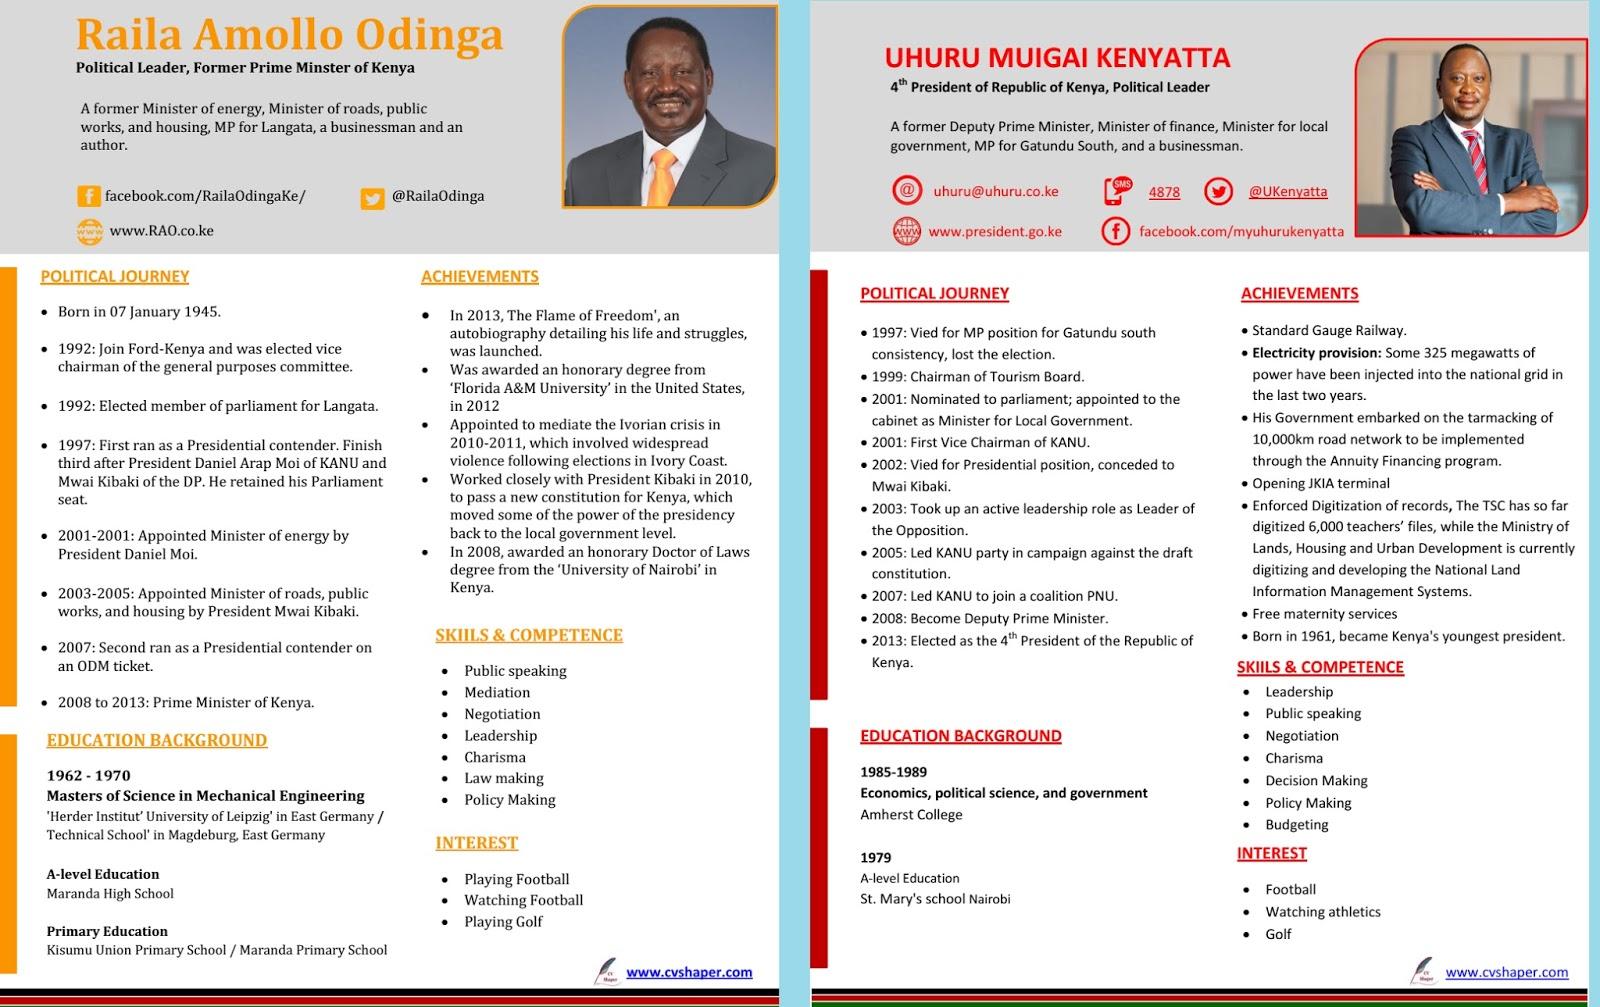 uhuru kenyatta cv vs raila odinga cv  achievements and